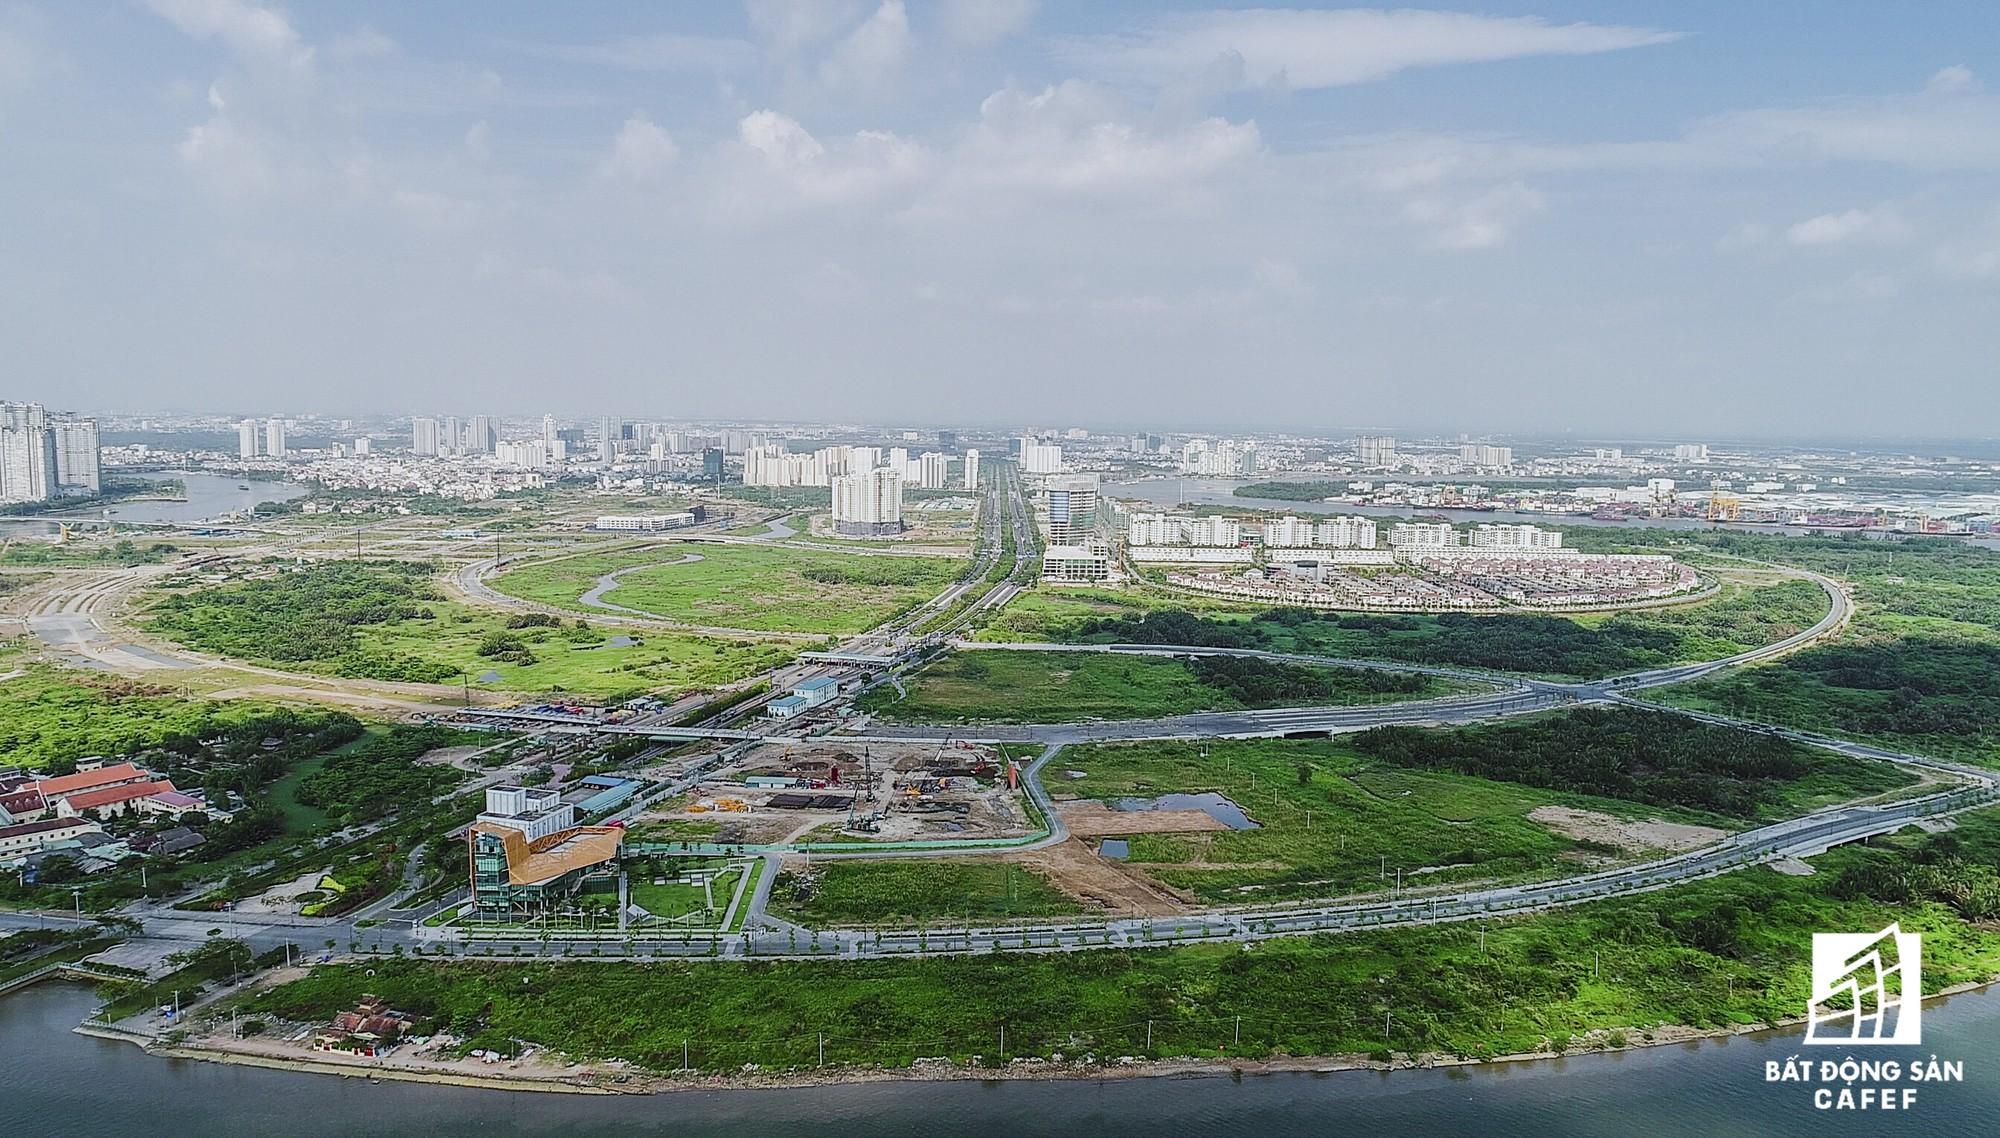 Sau gần 25 năm đầu tư xây dựng, bán đảo Thủ Thiêm hiện nay hình hài ra sao? - Ảnh 5.